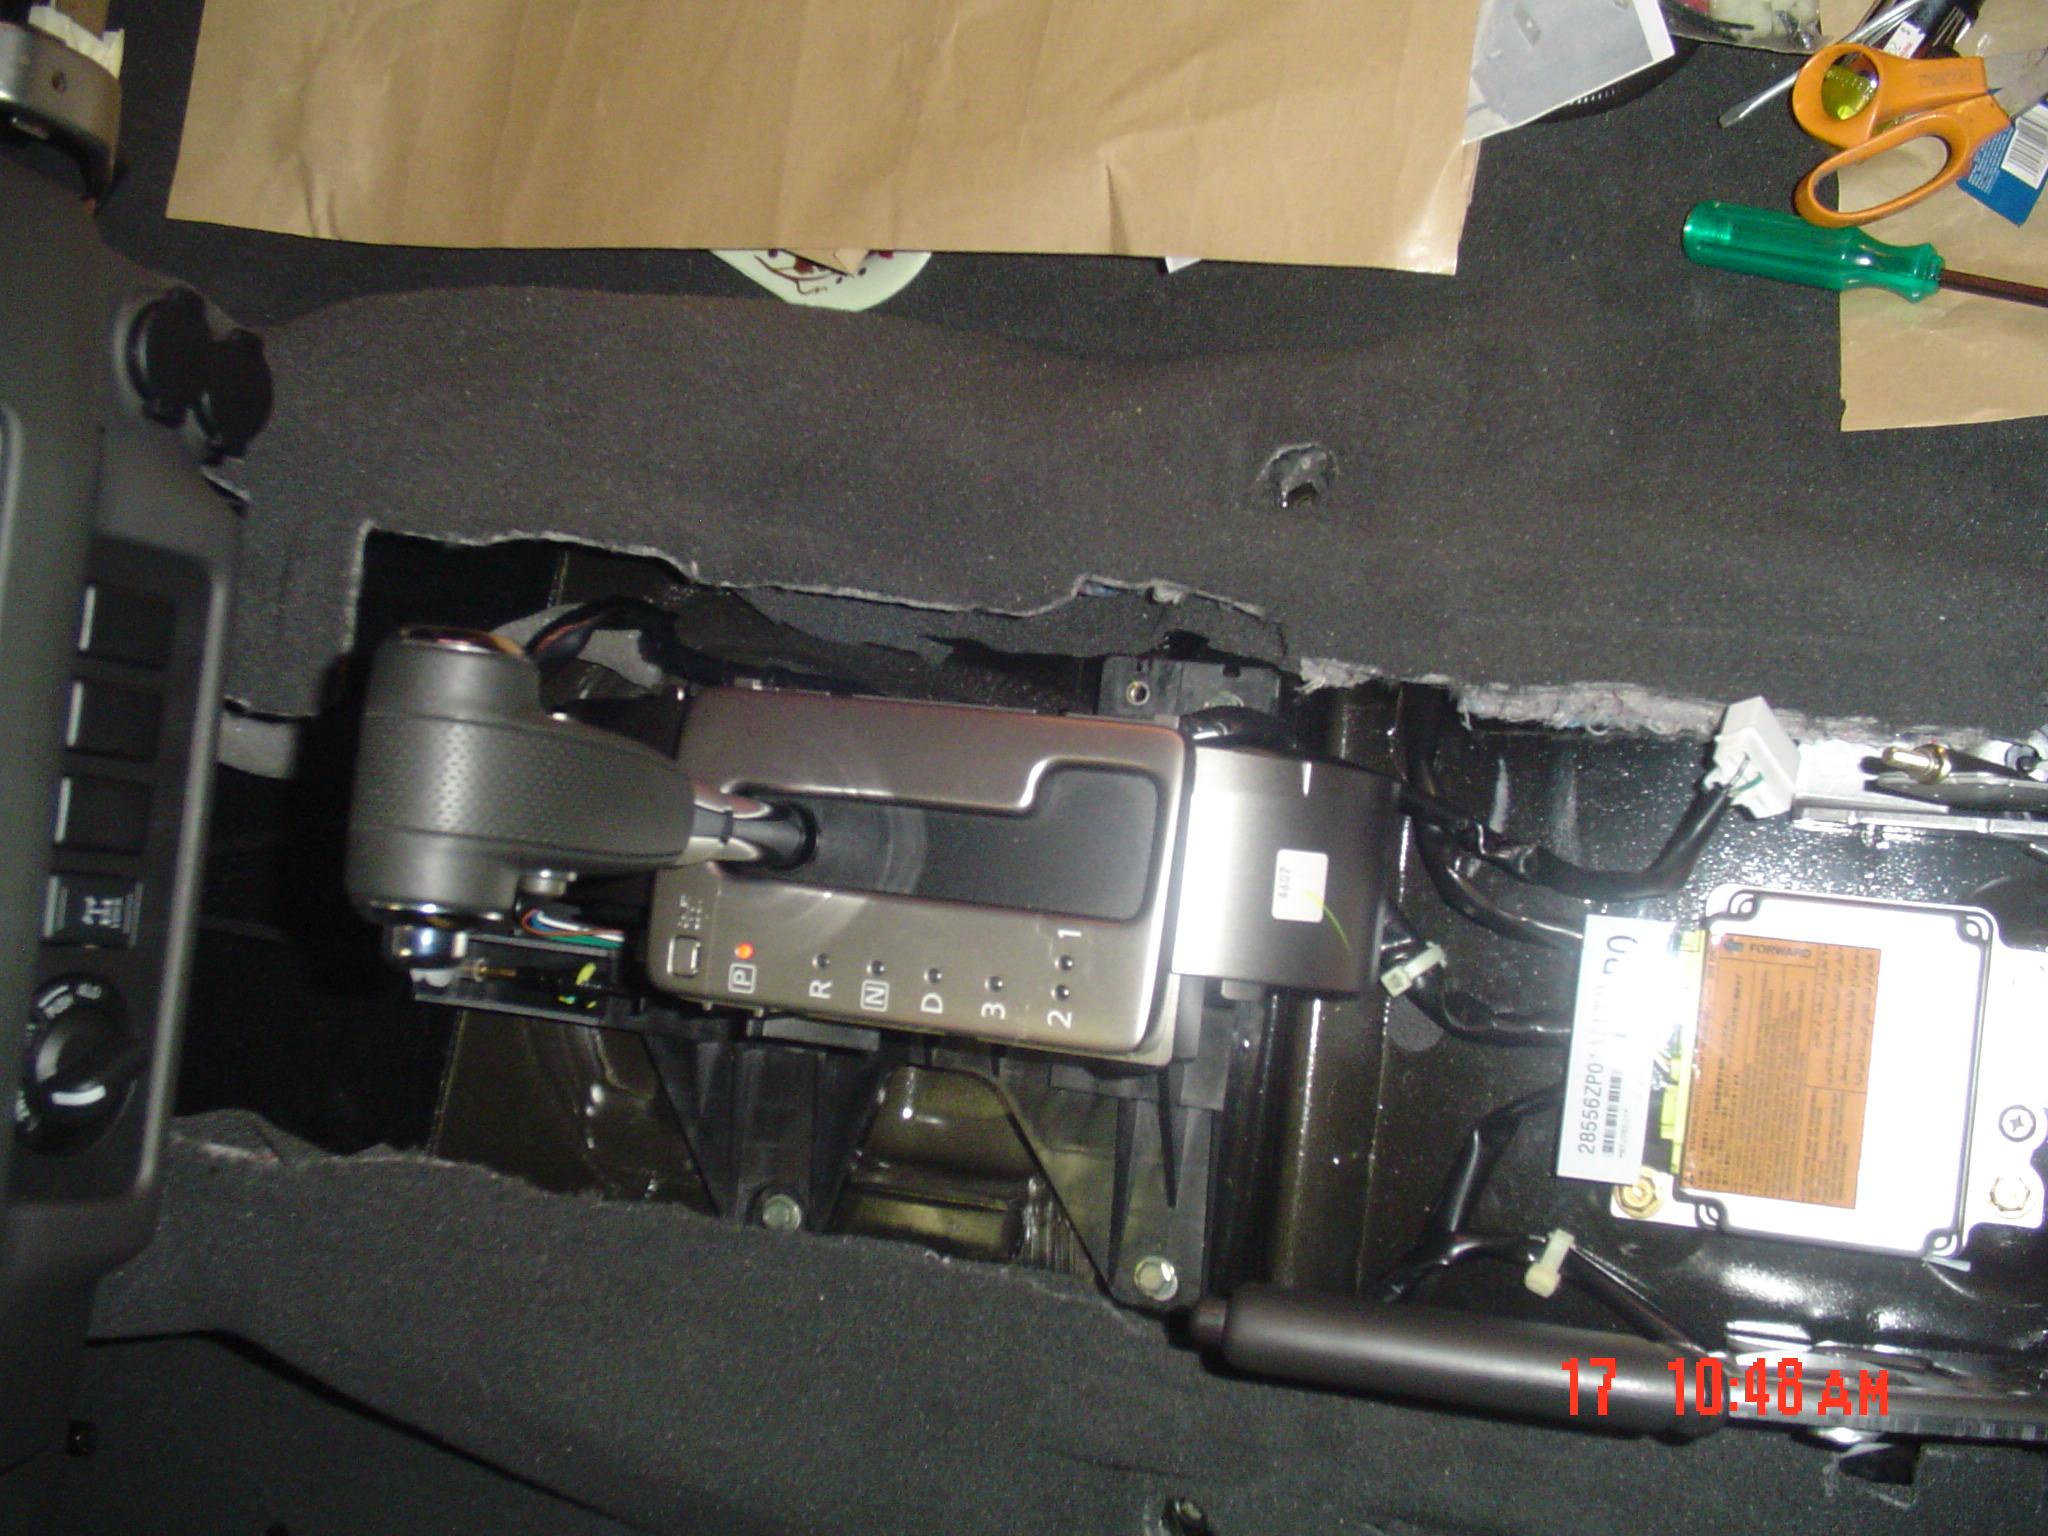 2003 F350 Fuse Panel Diagram Http Wwwjustanswercom Ford 2wh902003